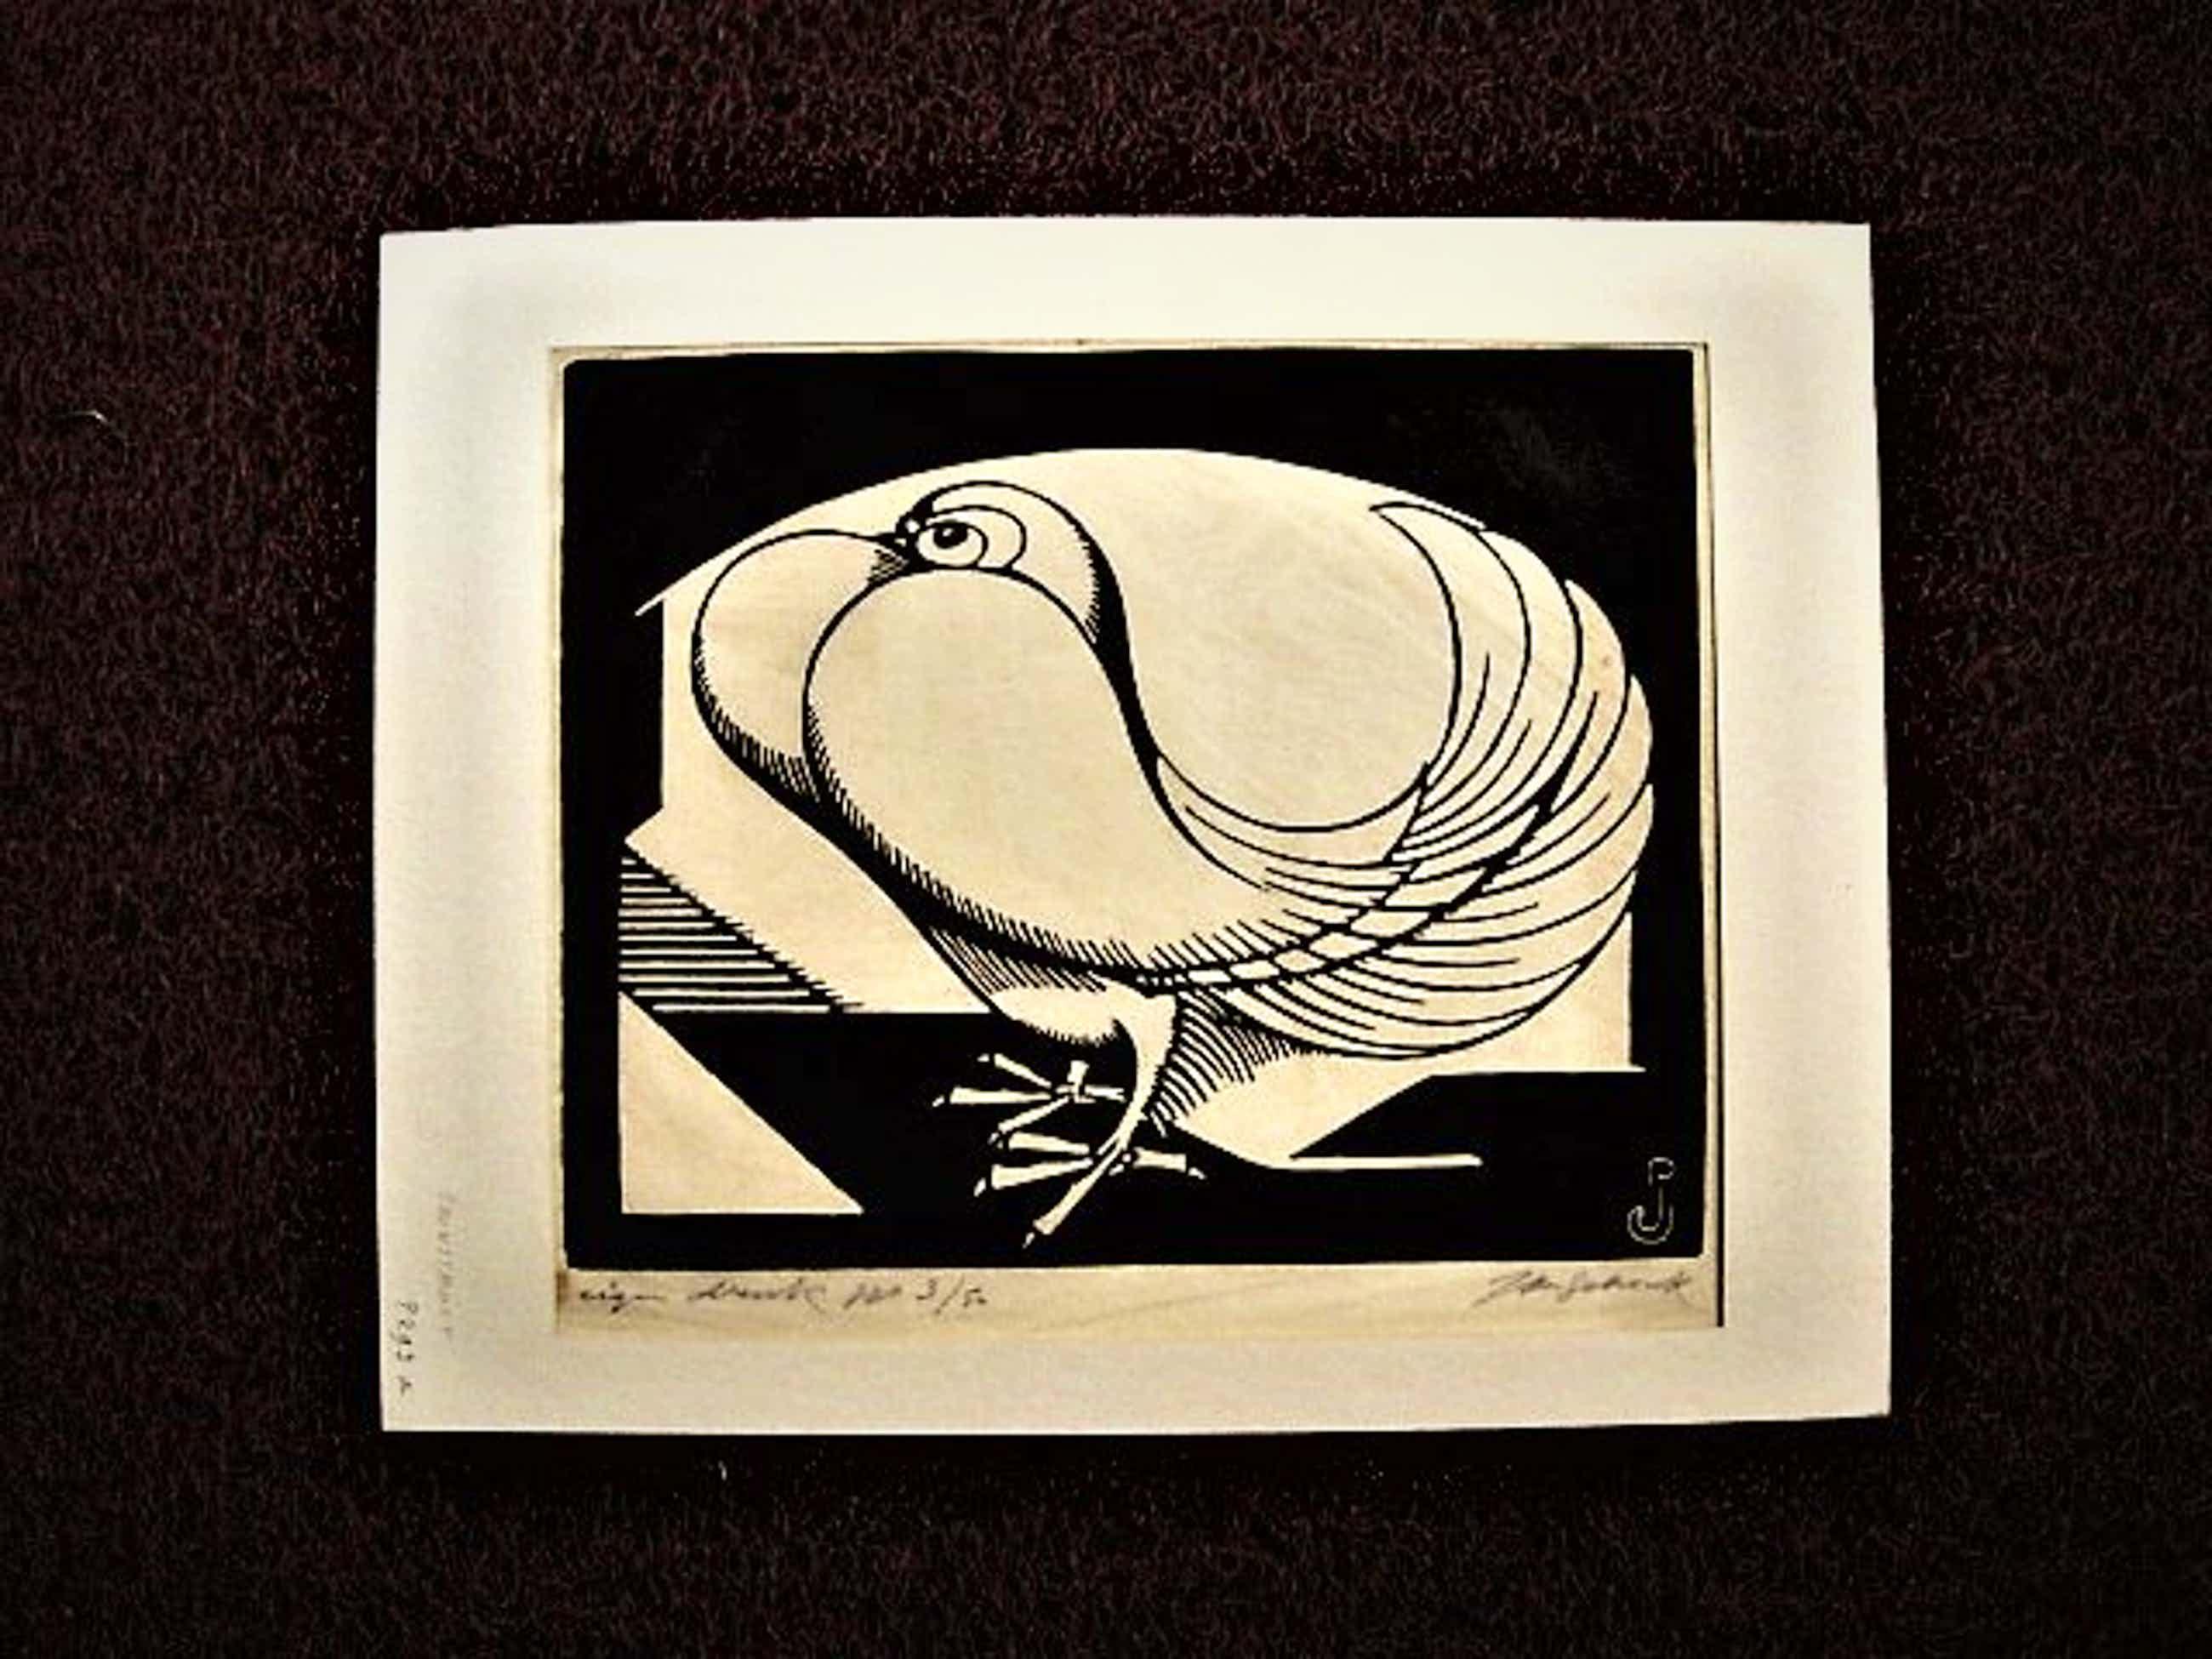 """Jan Schonk - Mooie eigen druk (50 ex) Art Deco Houtsnede """"Pauwestaart"""" potloodgesigneerd kopen? Bied vanaf 40!"""